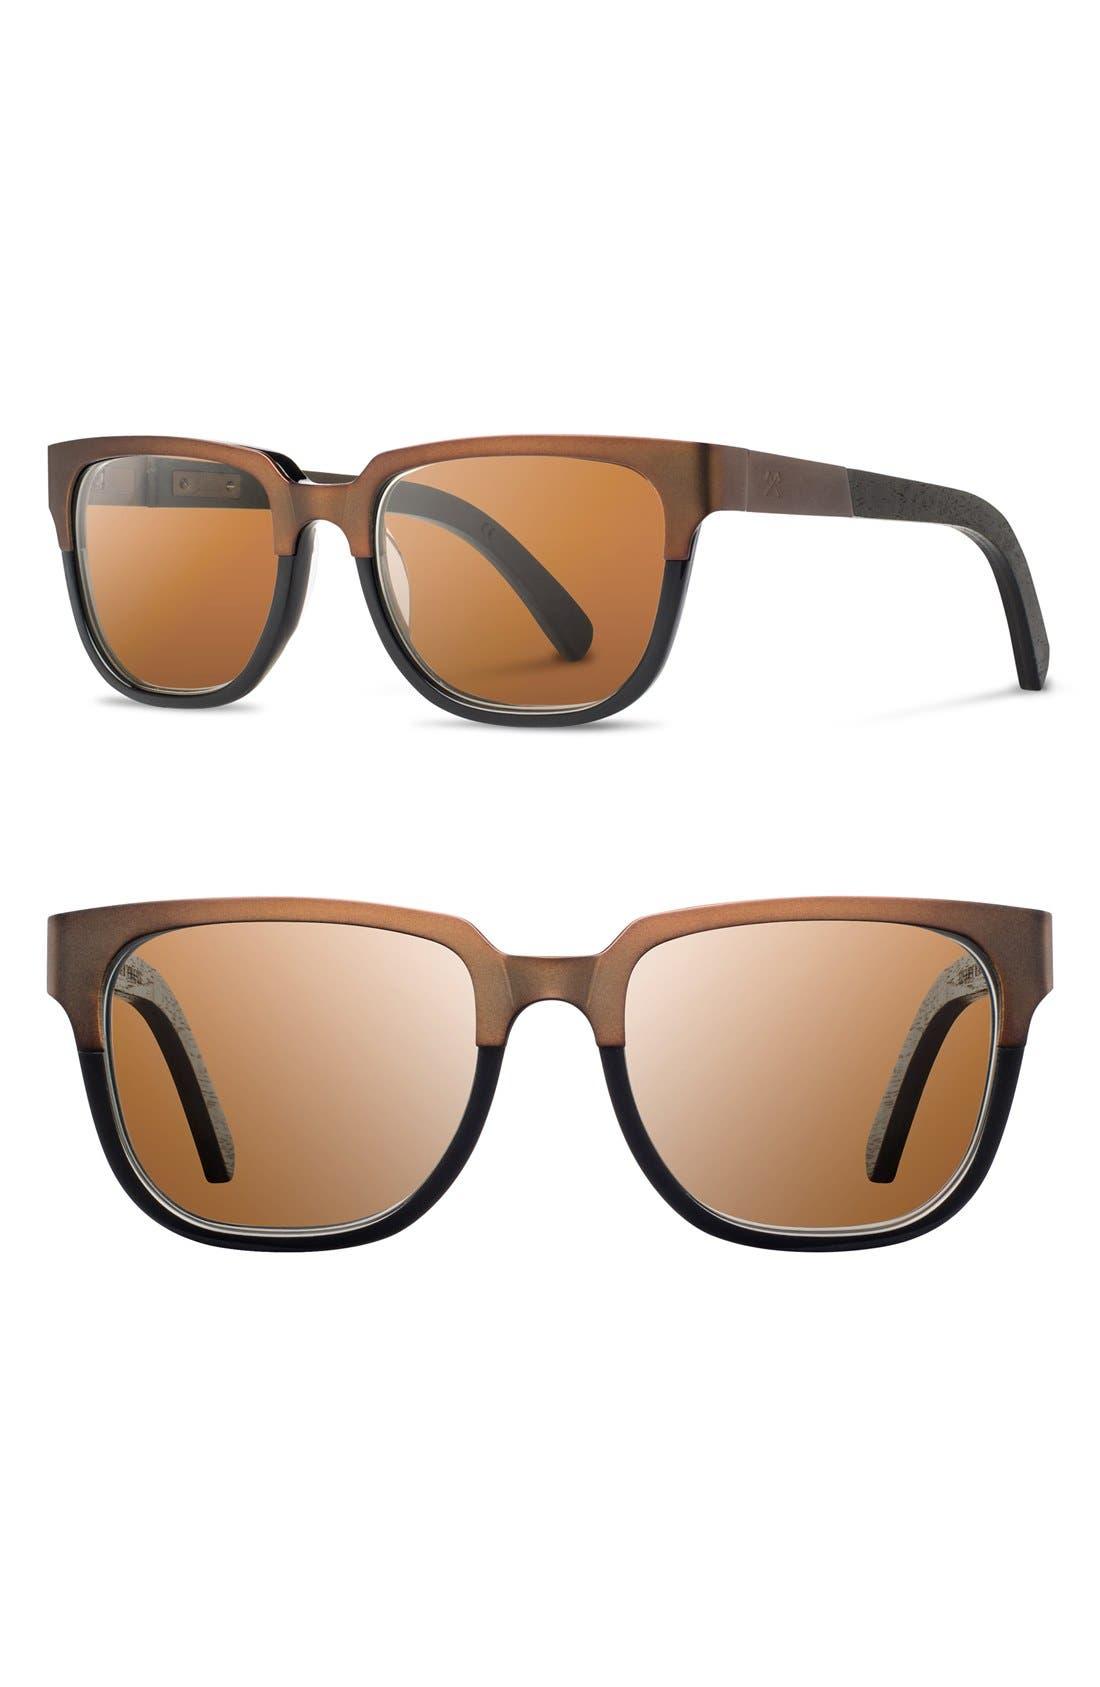 SHWOOD Prescott 52mm Titanium & Wood Sunglasses